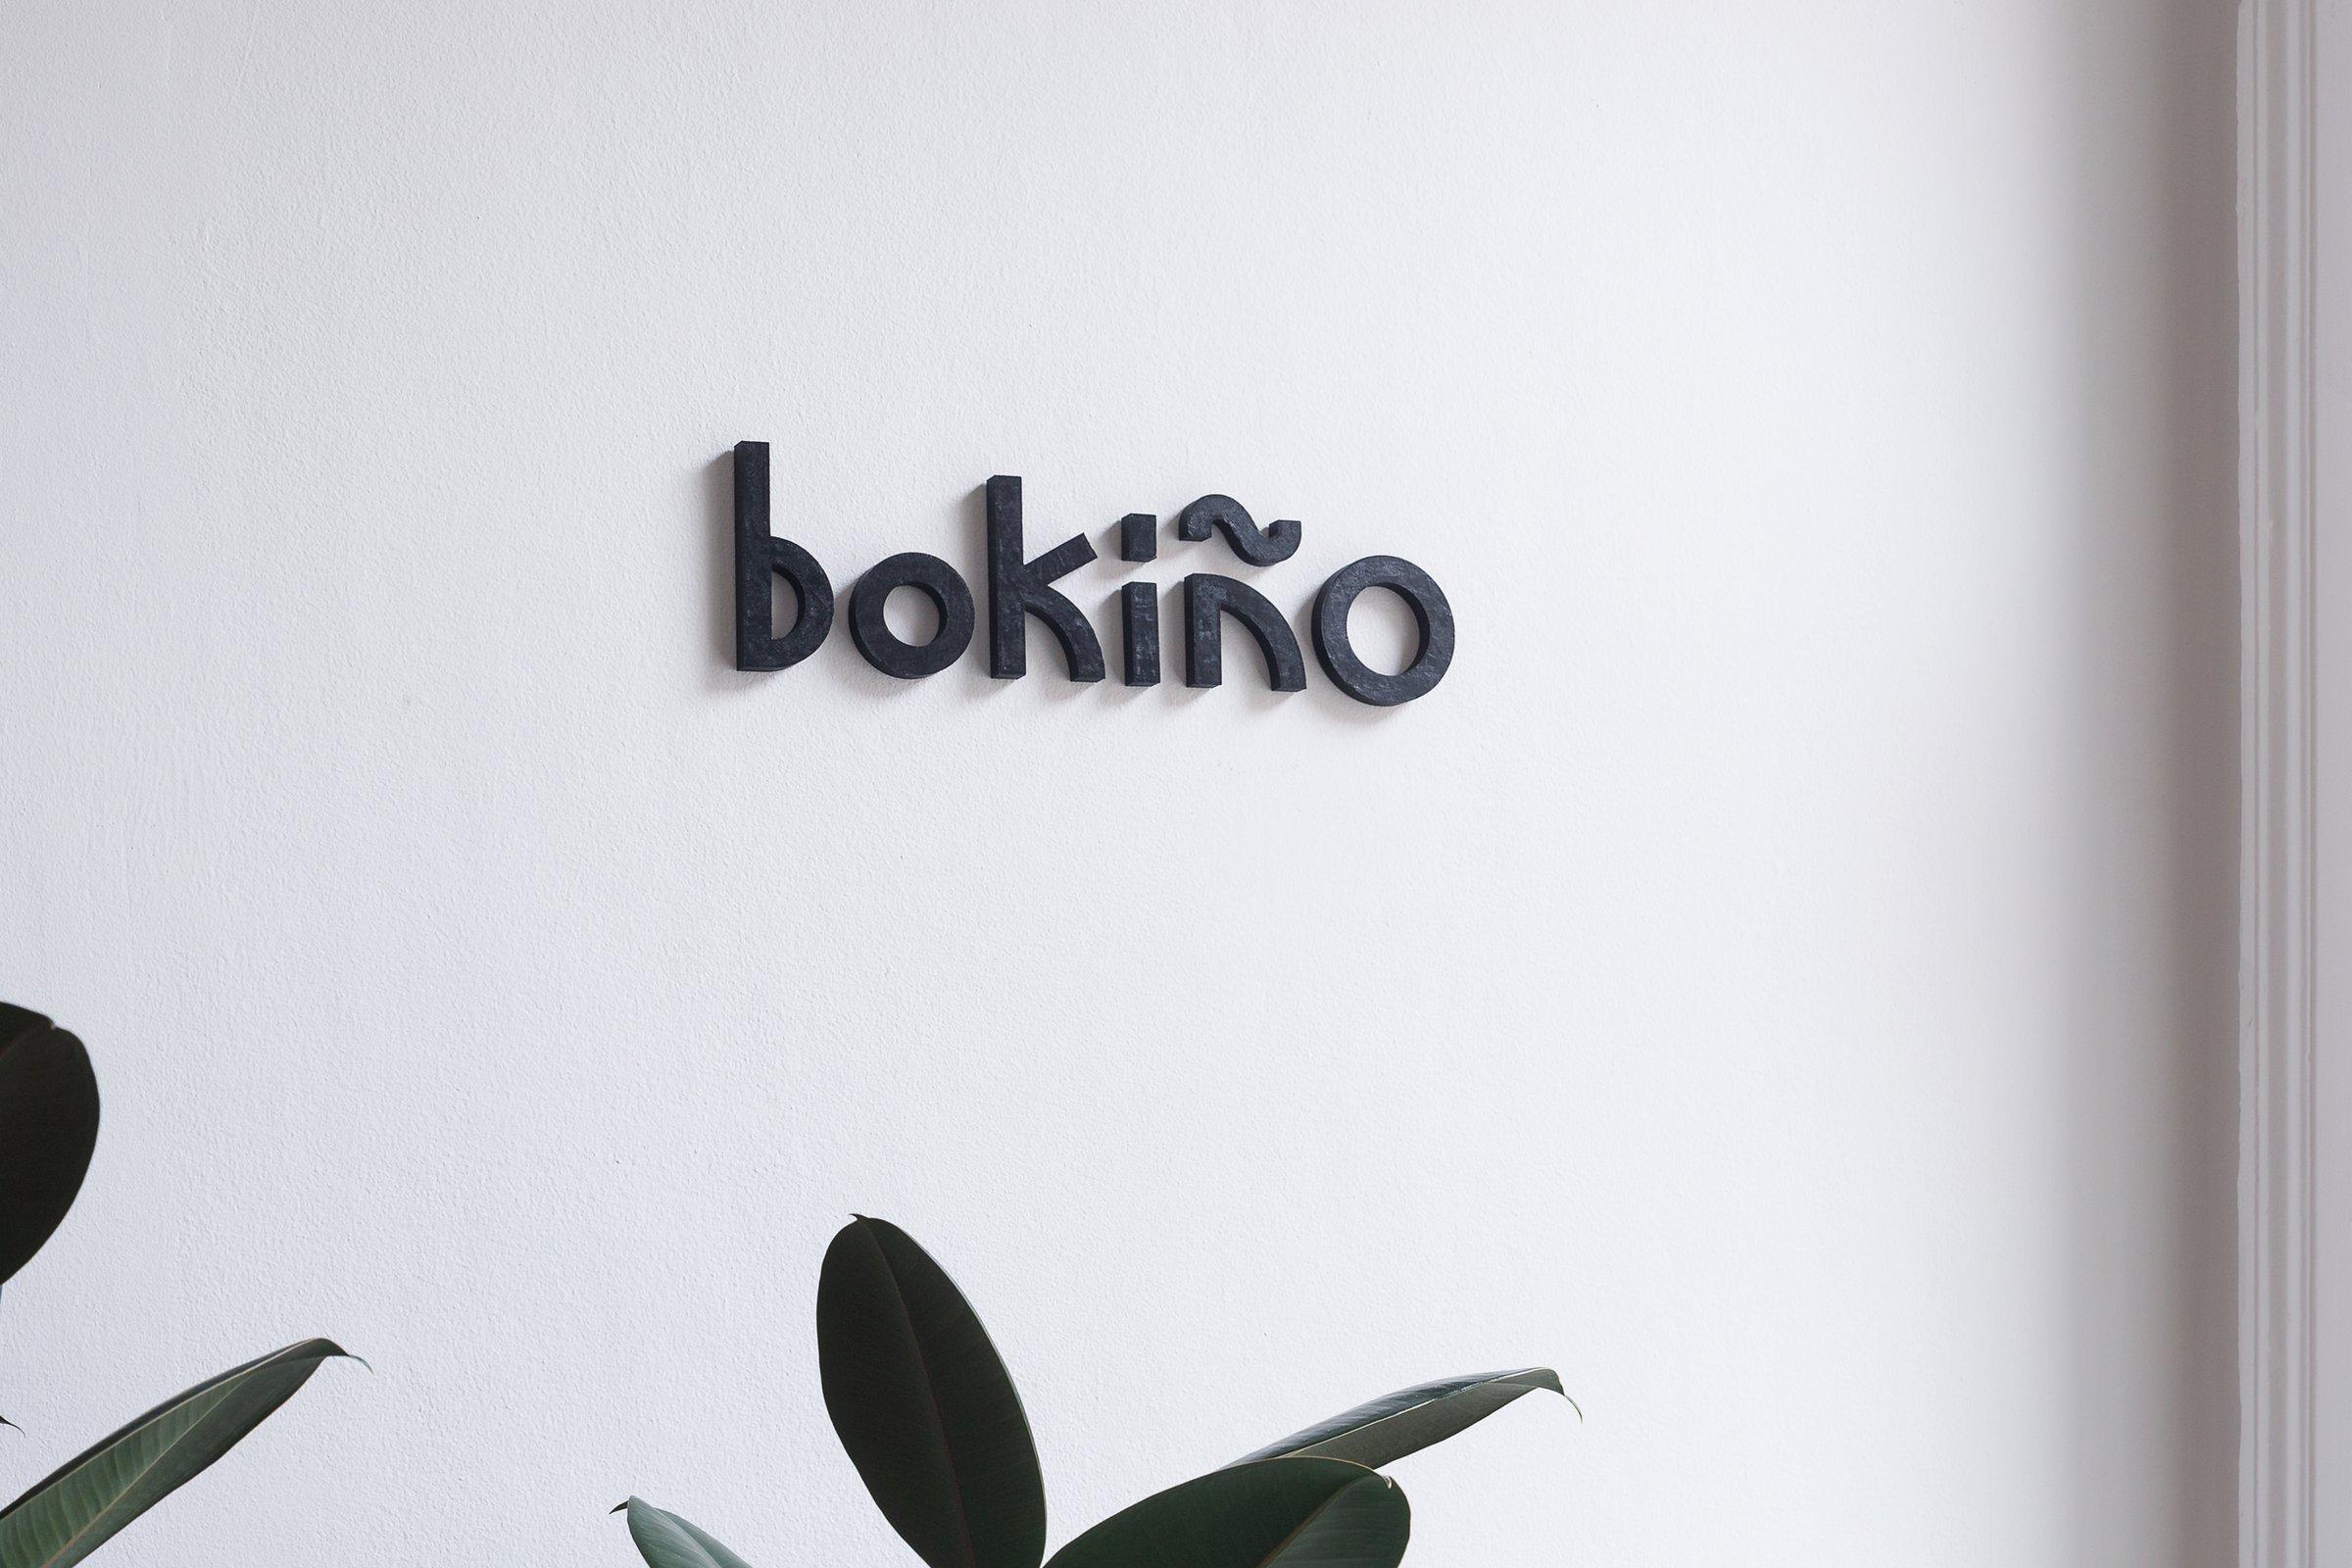 Bokiño